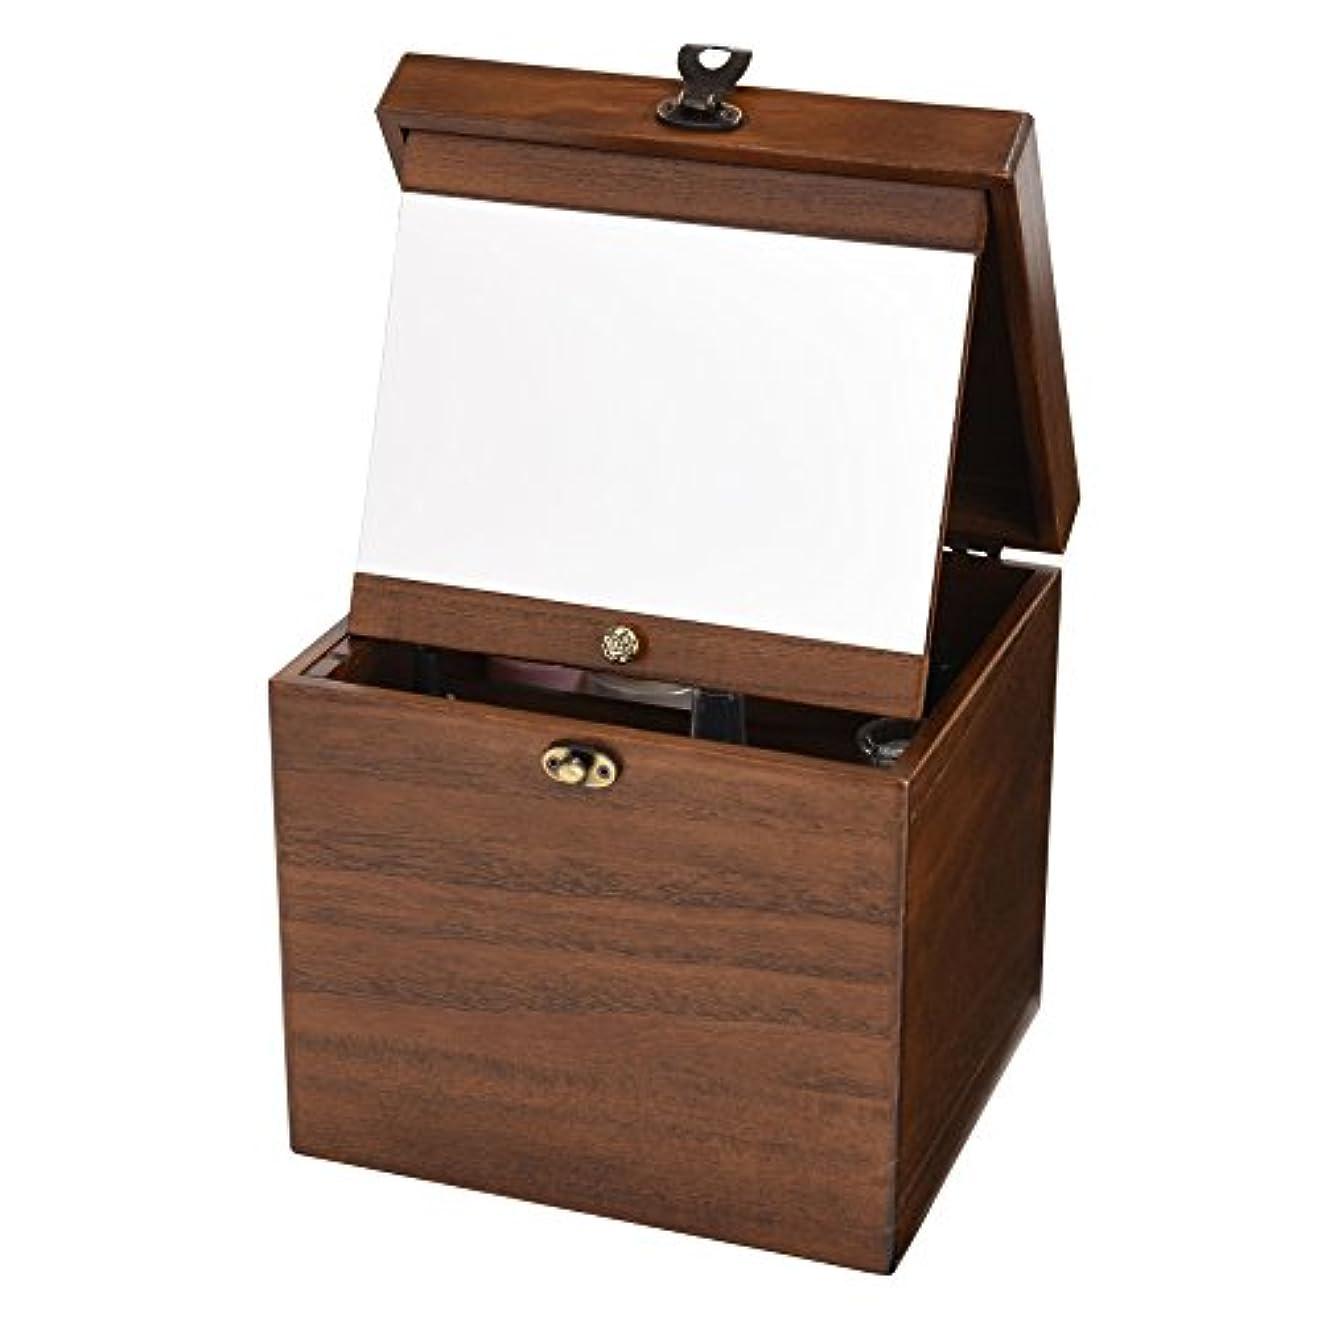 説得誓い処方する木製コスメボックス 収納 鏡付き 持ち運び 化粧ボックス メイクボックス 日本製